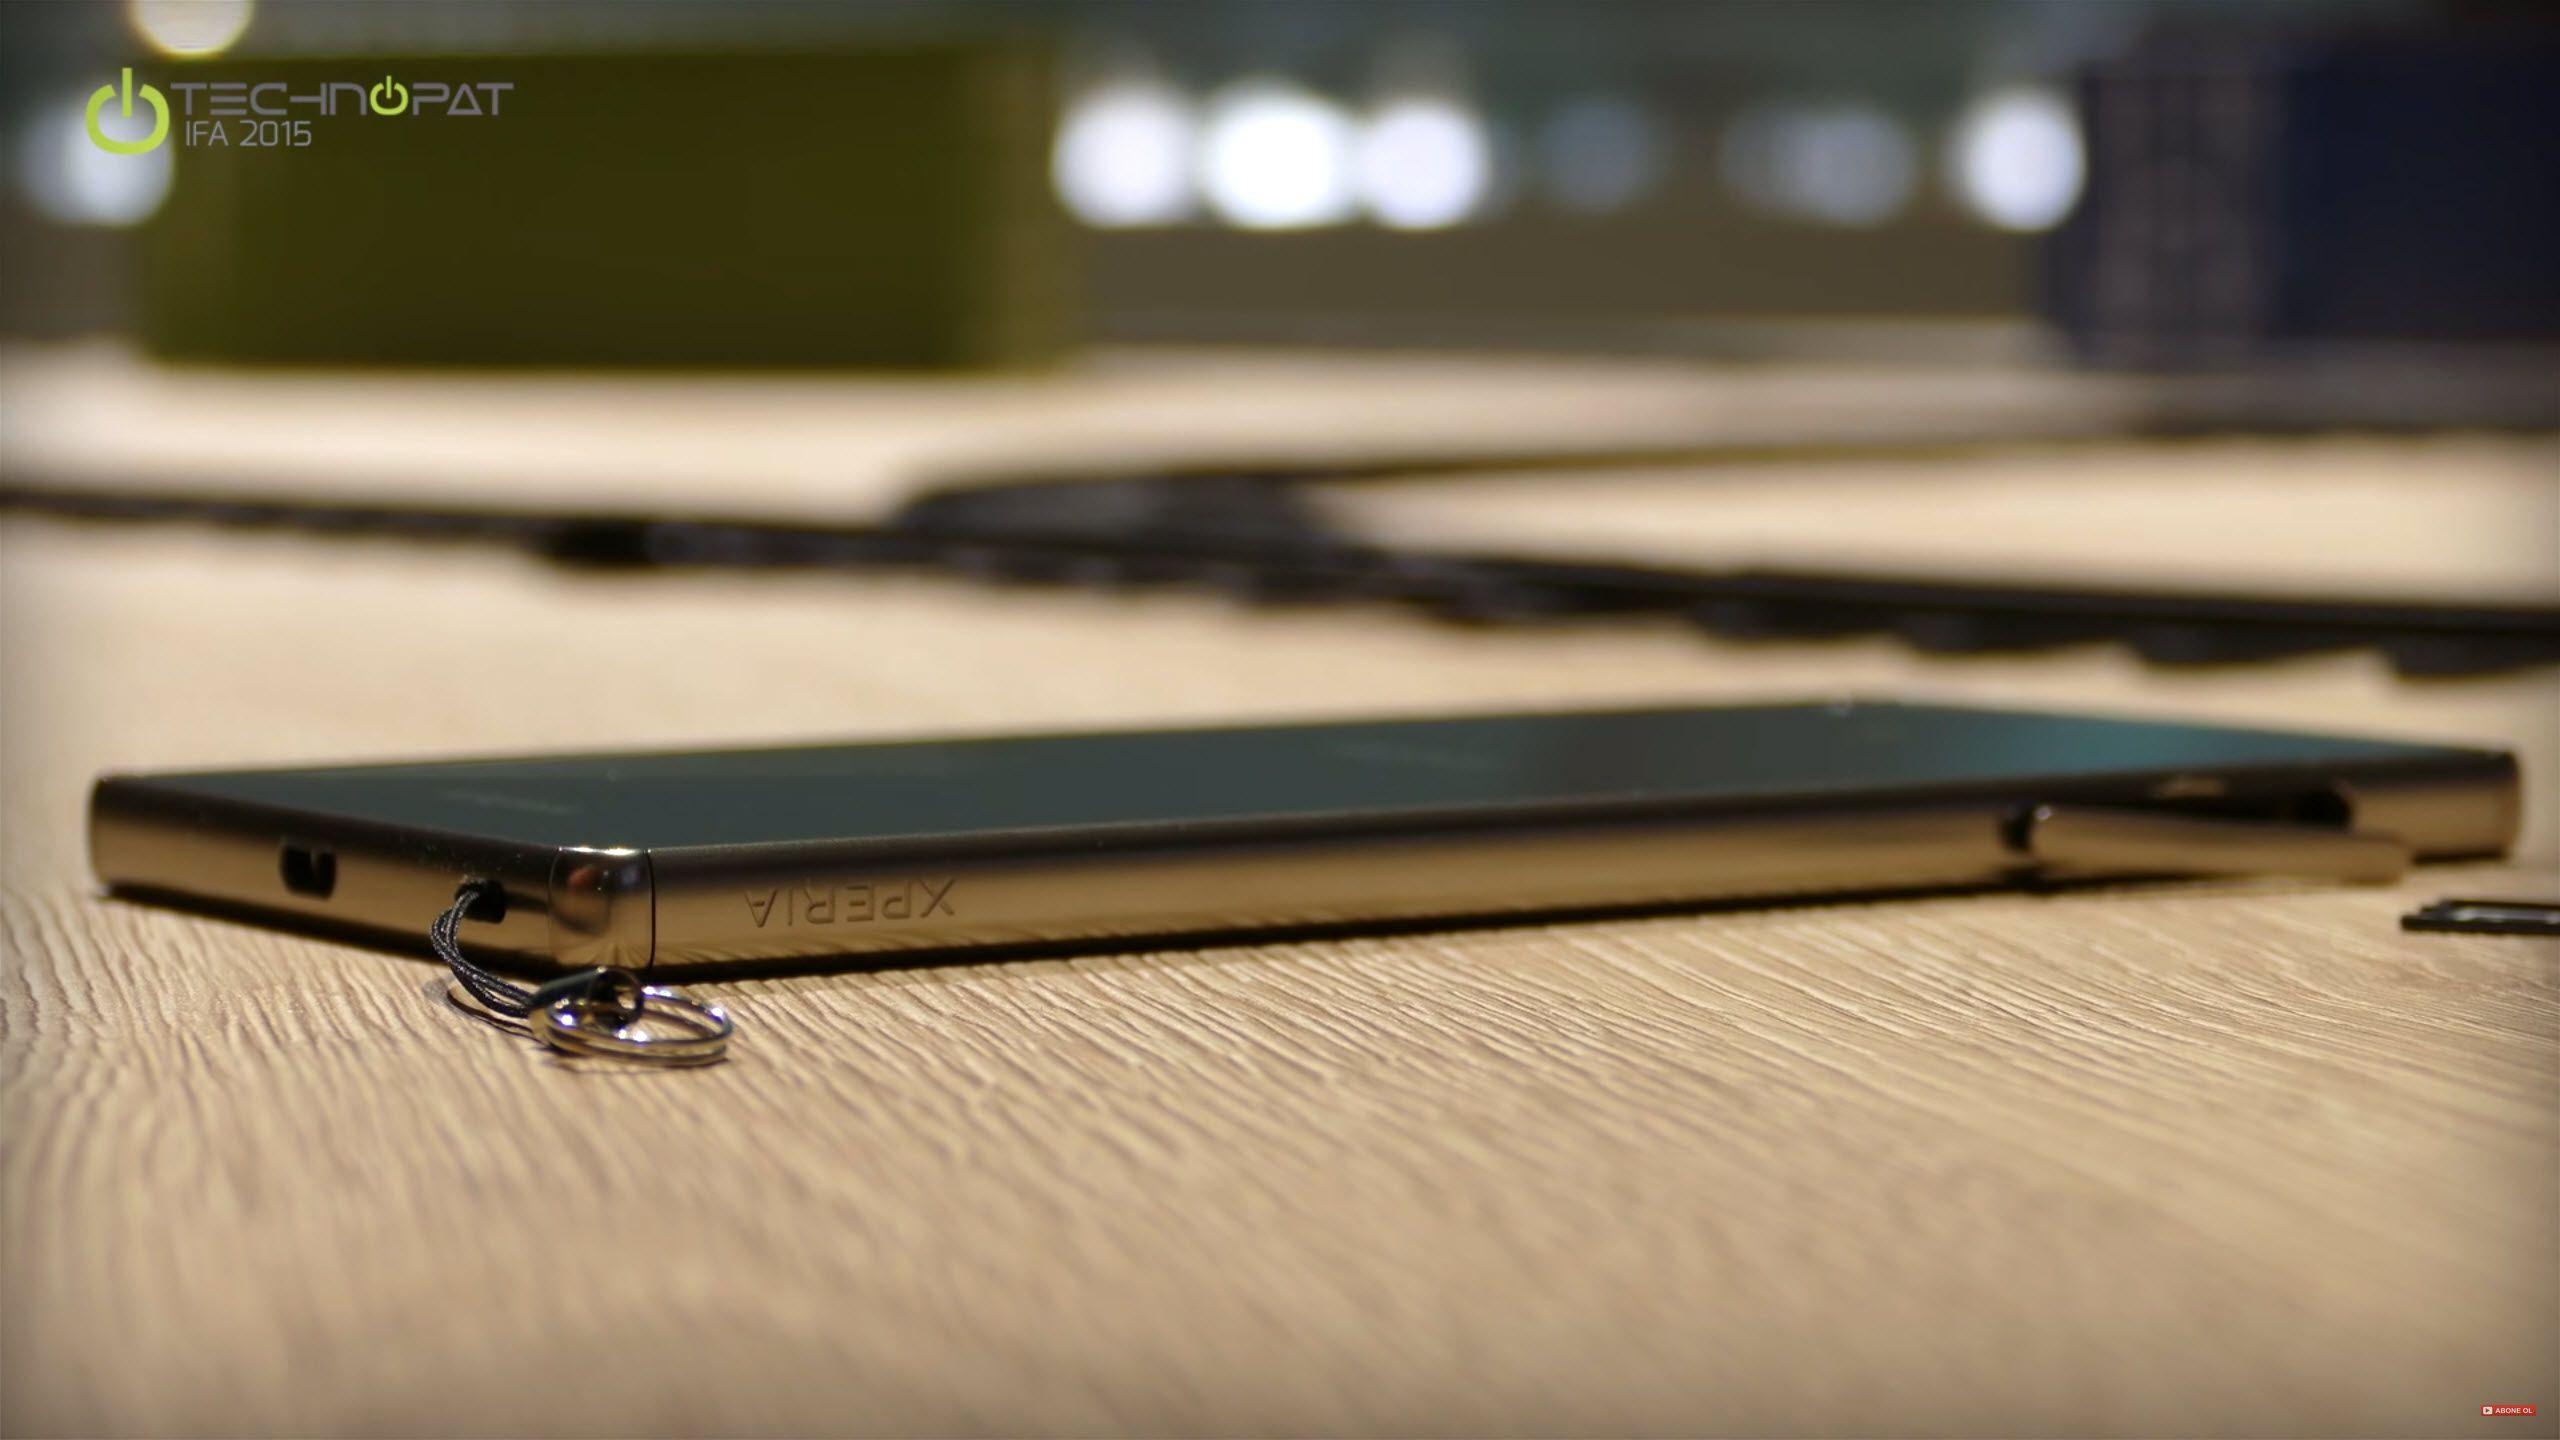 Xperia Z5 Ultra ekranı çizilmeye karşı kenarları ekrandan daha yüksek olacak şekilde tasarlanmış